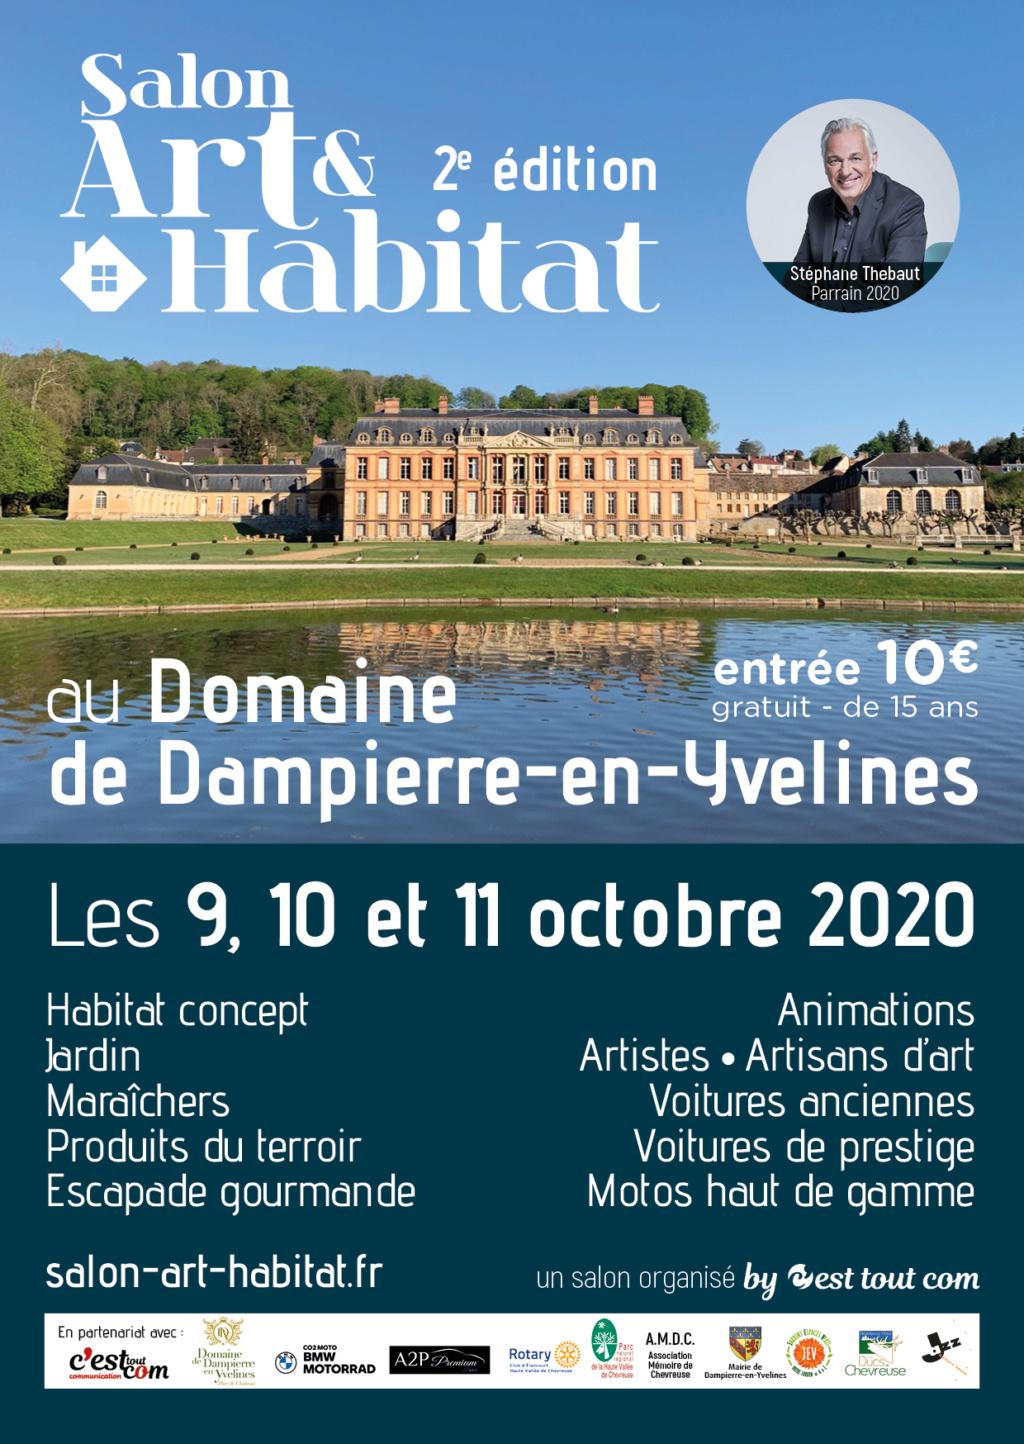 Salon Art & Habitat Château de Dampierre, 9-10-11 octobre 2020 Salon_10